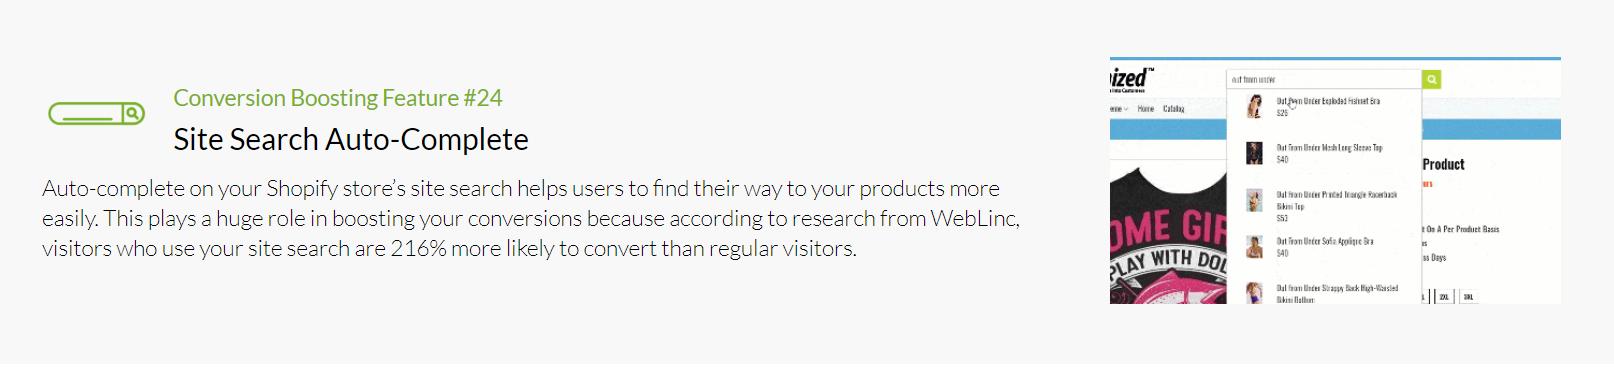 Shoptimized - Site Search Auto Complete